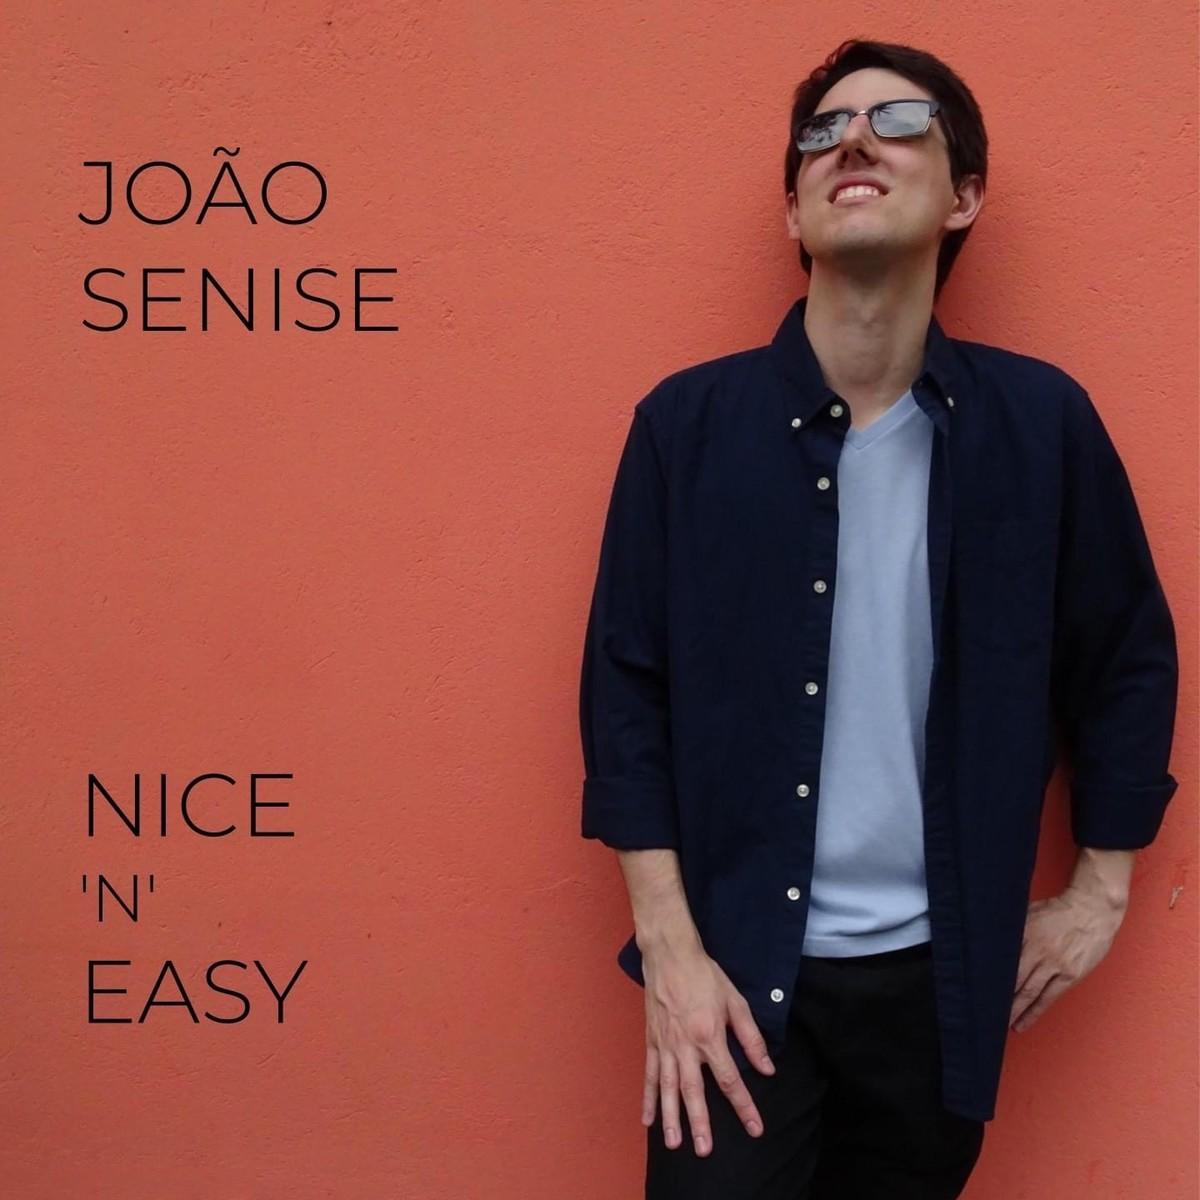 João Senise retorna às canções jazzísticas no álbum 'Nice 'n' easy'   Blog do Mauro Ferreira